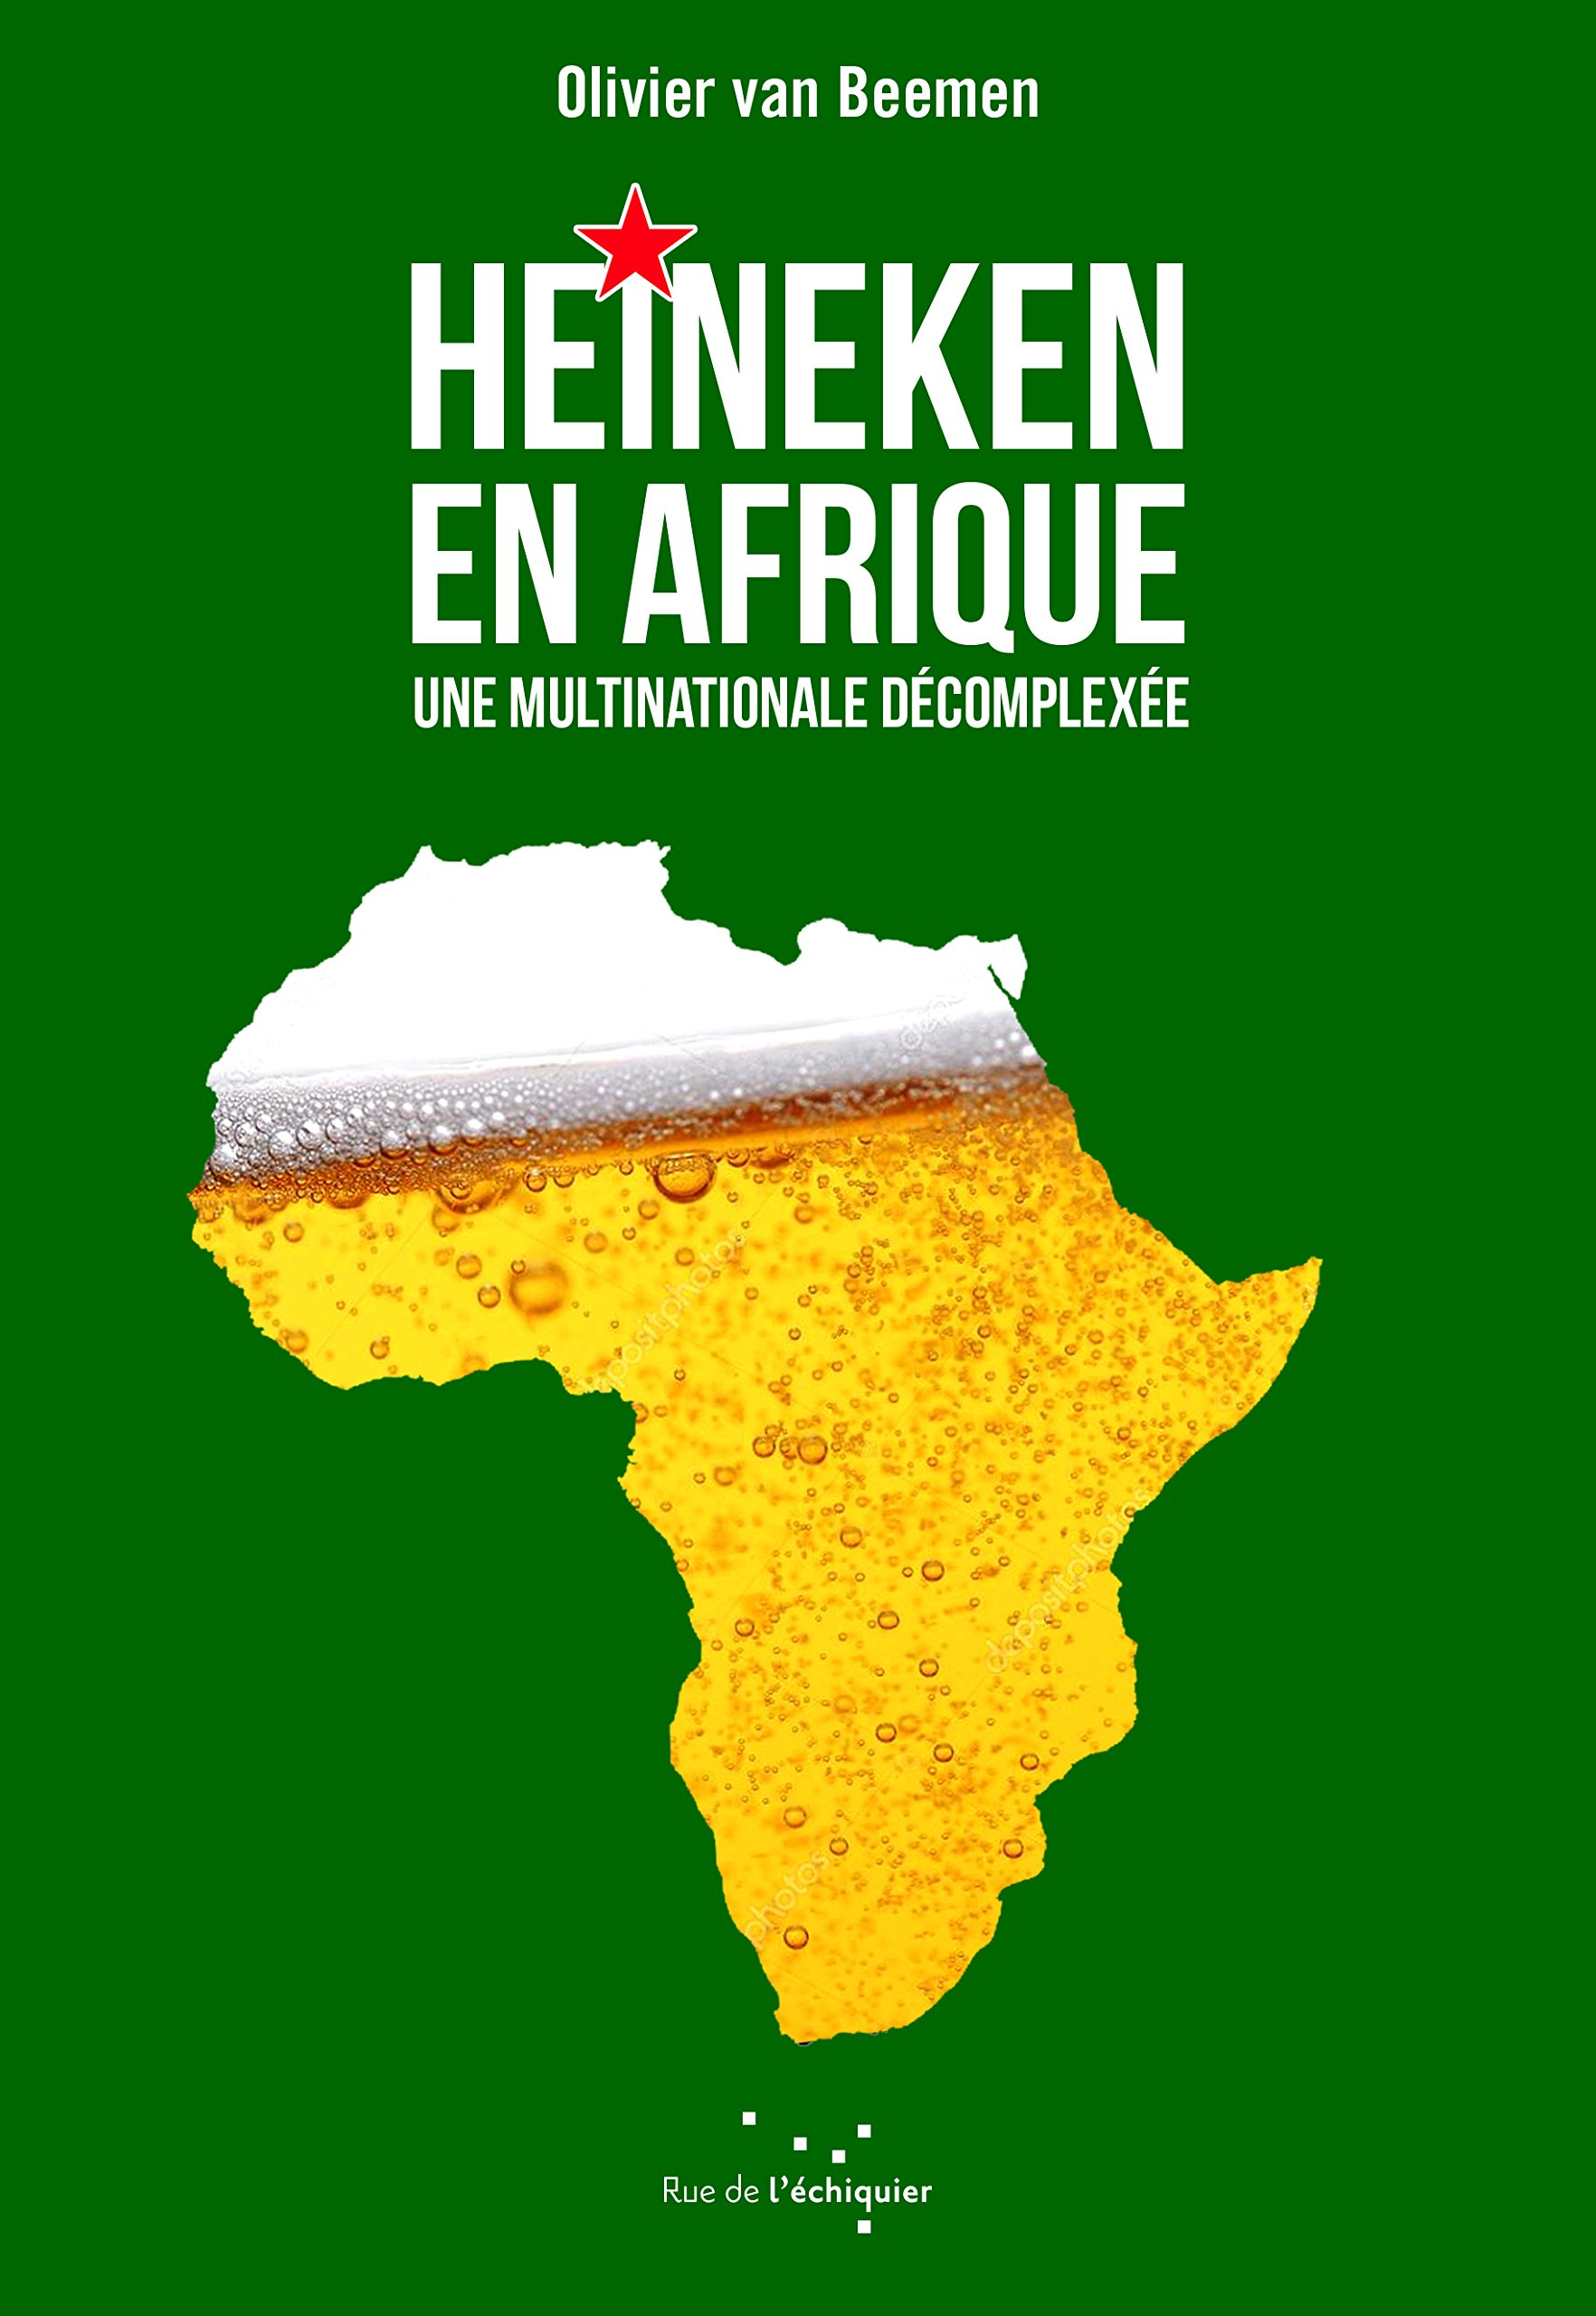 Heineken en Afrique une multinationale décomplexée